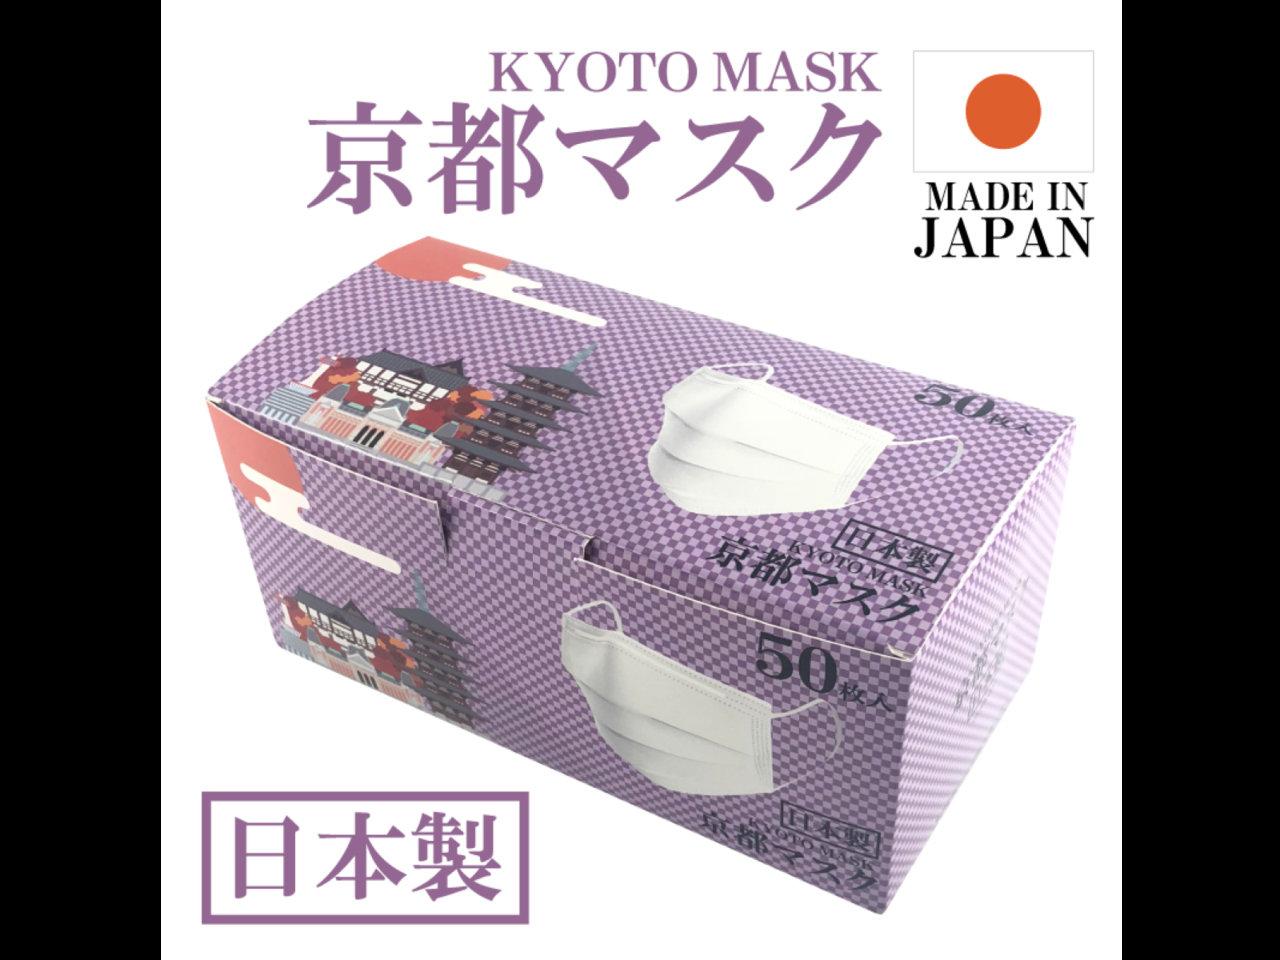 50枚1980円。安心の日本製の使い捨てマスクで京都へおこしやす「日本製都道府県マスク」京都登場